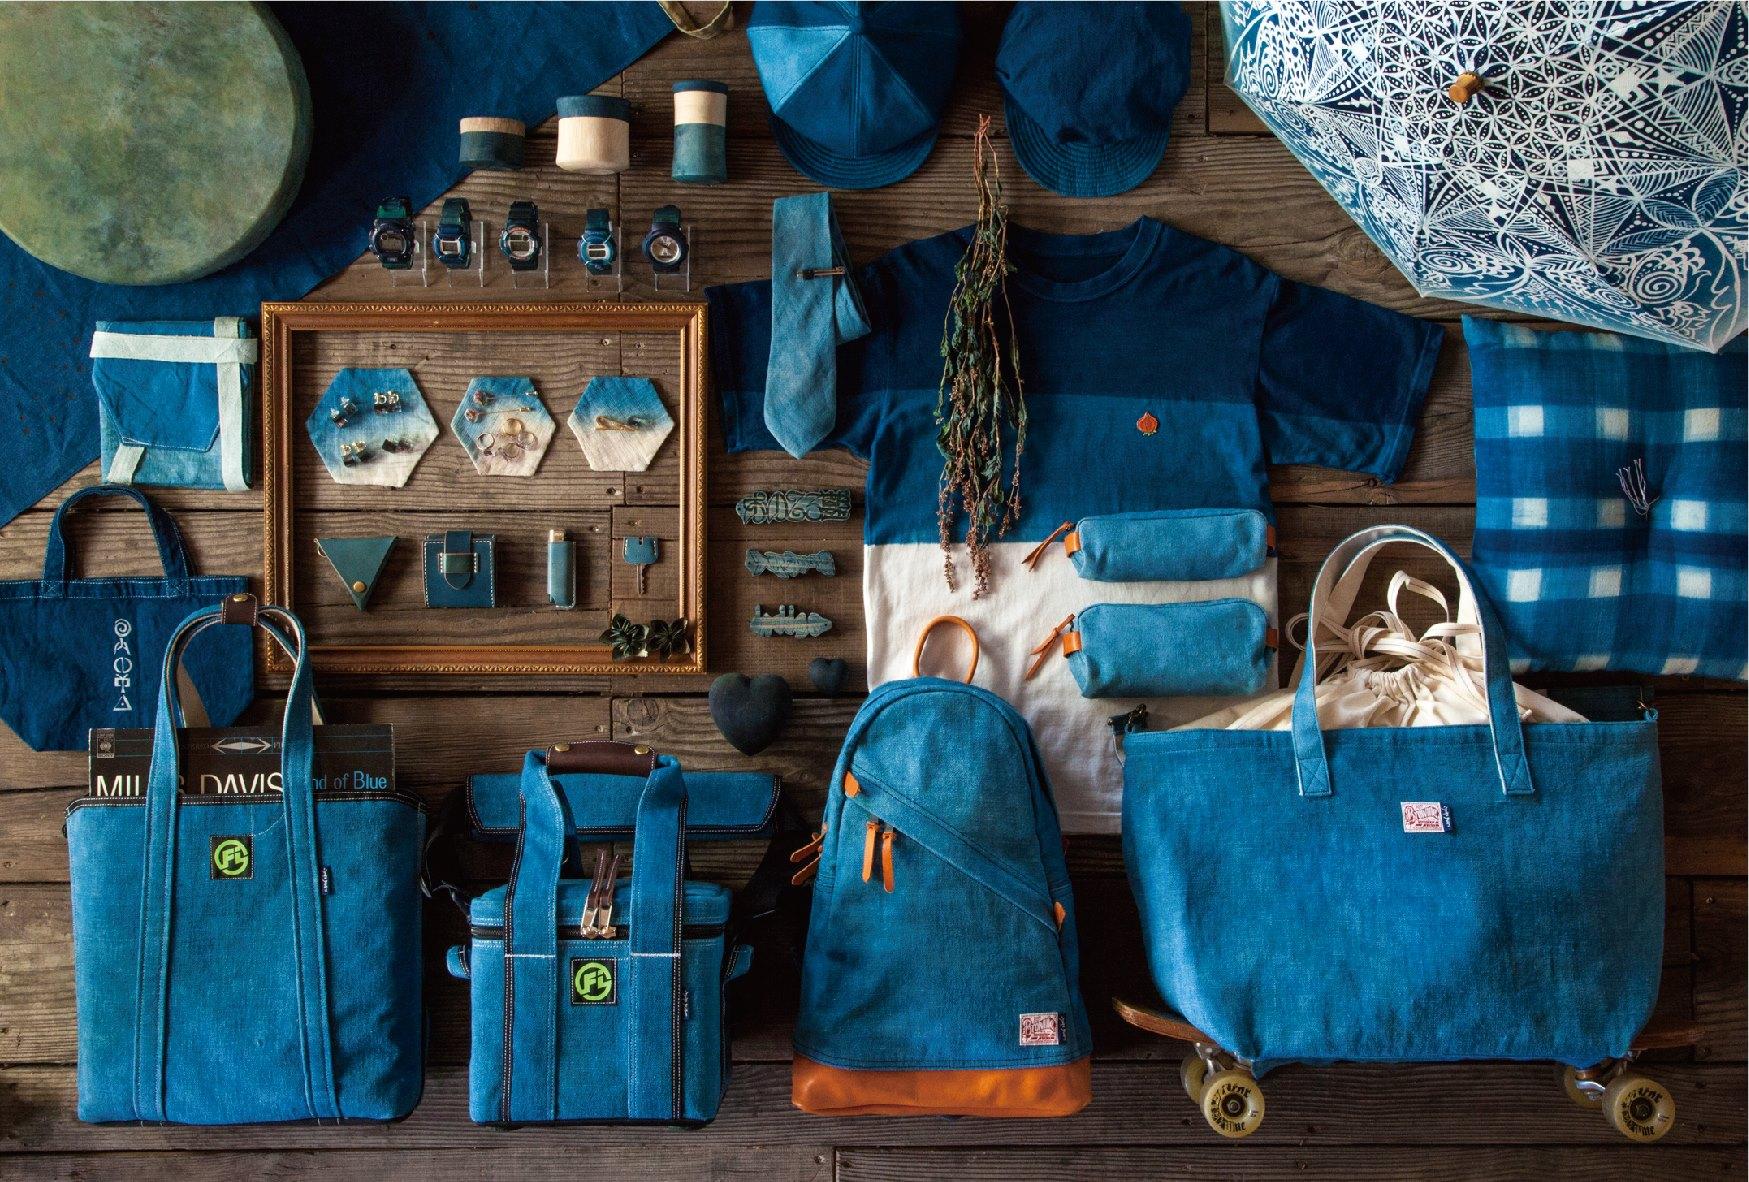 藍に魅せられた夫婦の展示販売会『Blue floating in space』